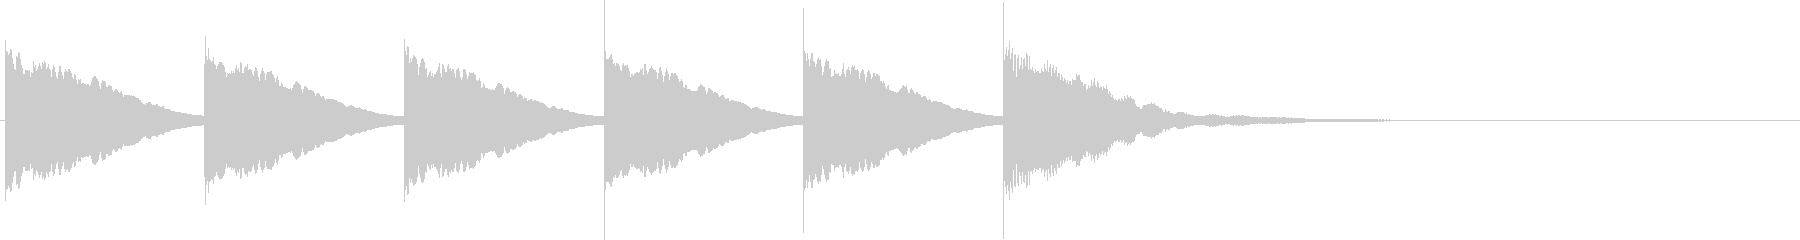 カウントダウンB2(5秒前)の未再生の波形